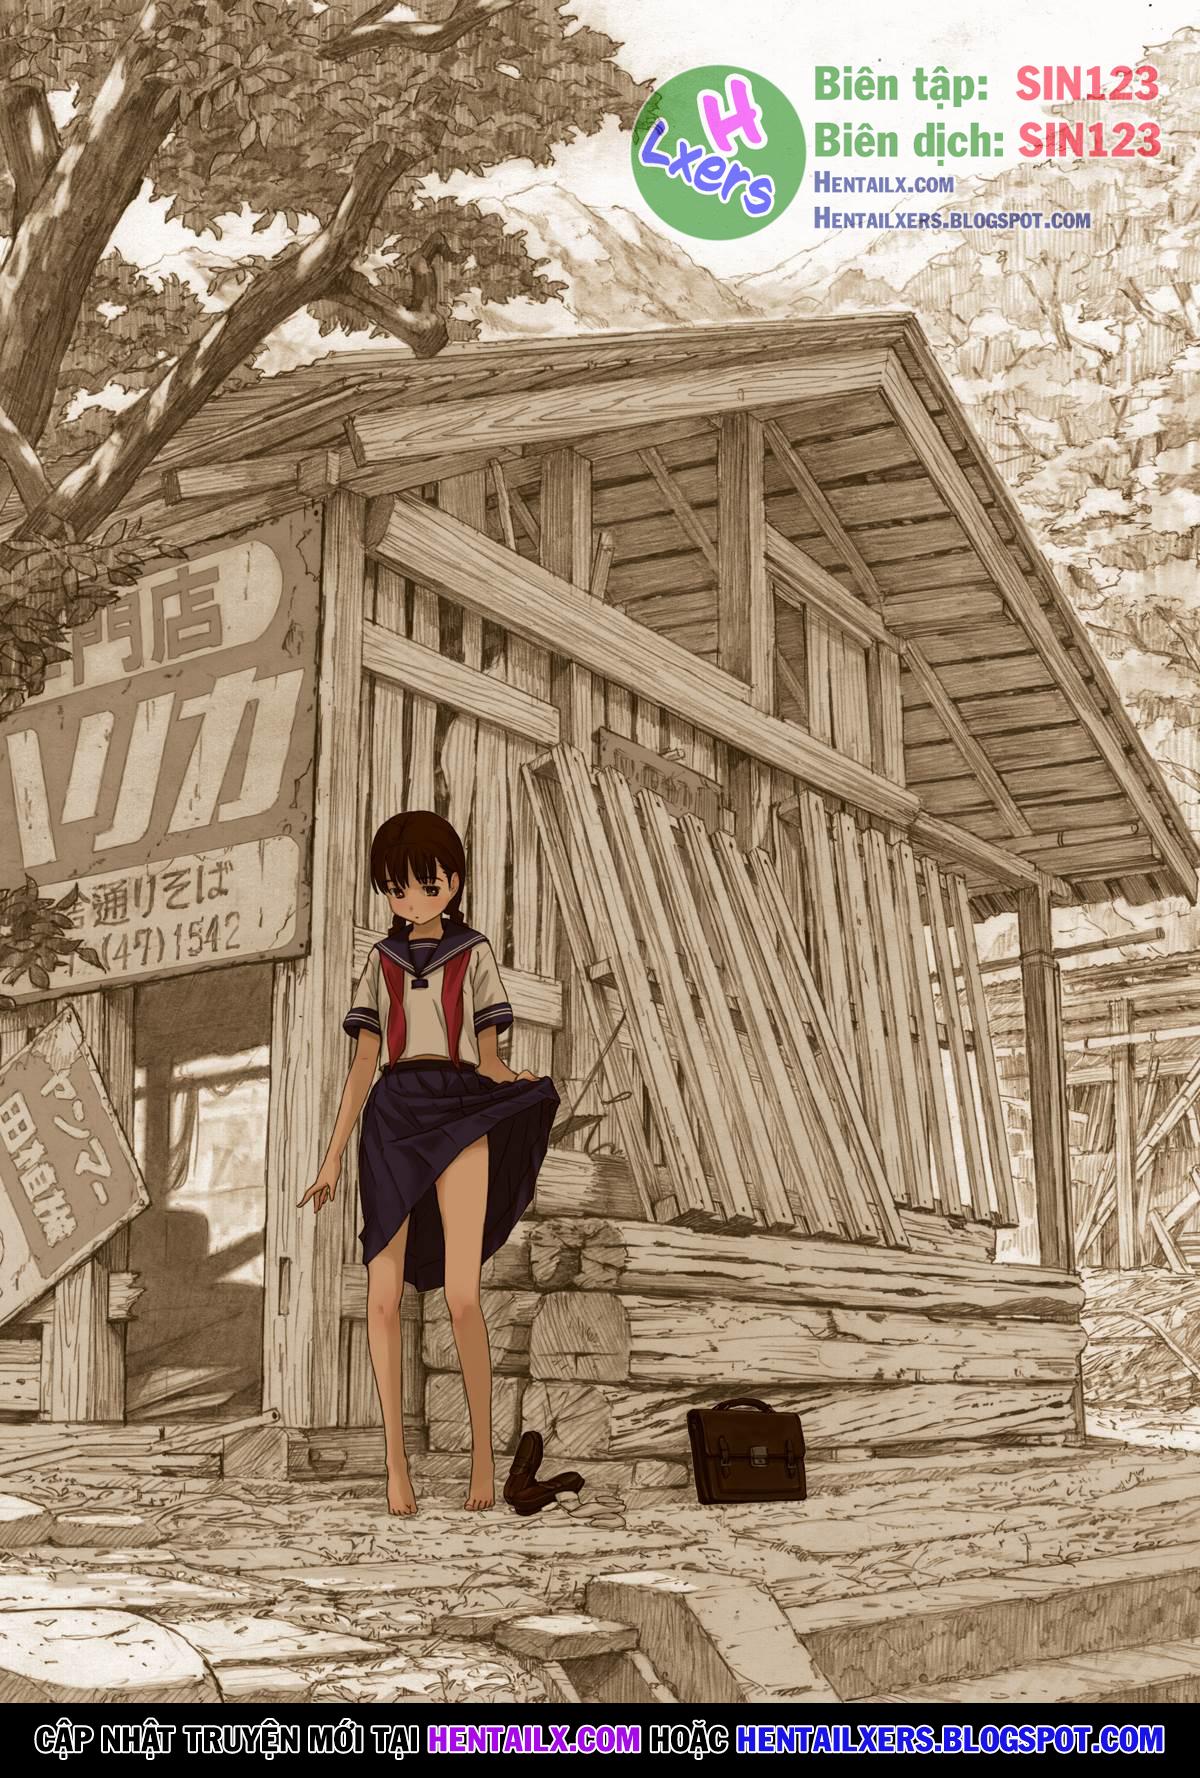 Hình ảnh 002 trong bài viết Shoujo Material